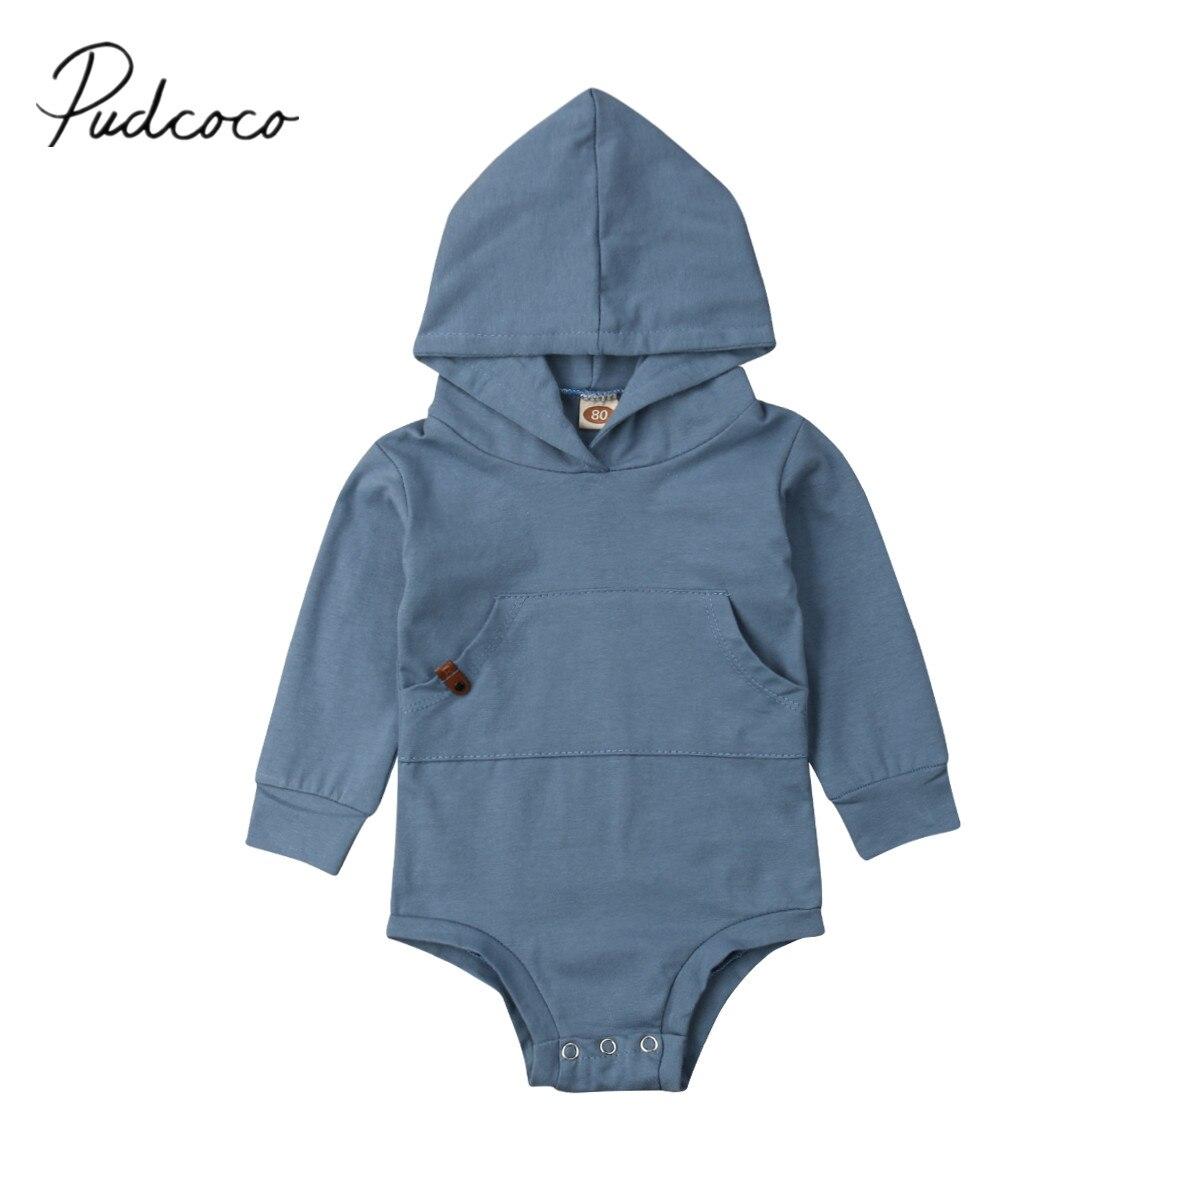 2019 Brand Nieuwe Pasgeboren Baby Baby Jongens Meisje Hooded Bodysuits Lange Mouwen Effen Blauw Jumpsuit Causale Lente Herfst Kleding 0 -24 M Nieuwste Technologie